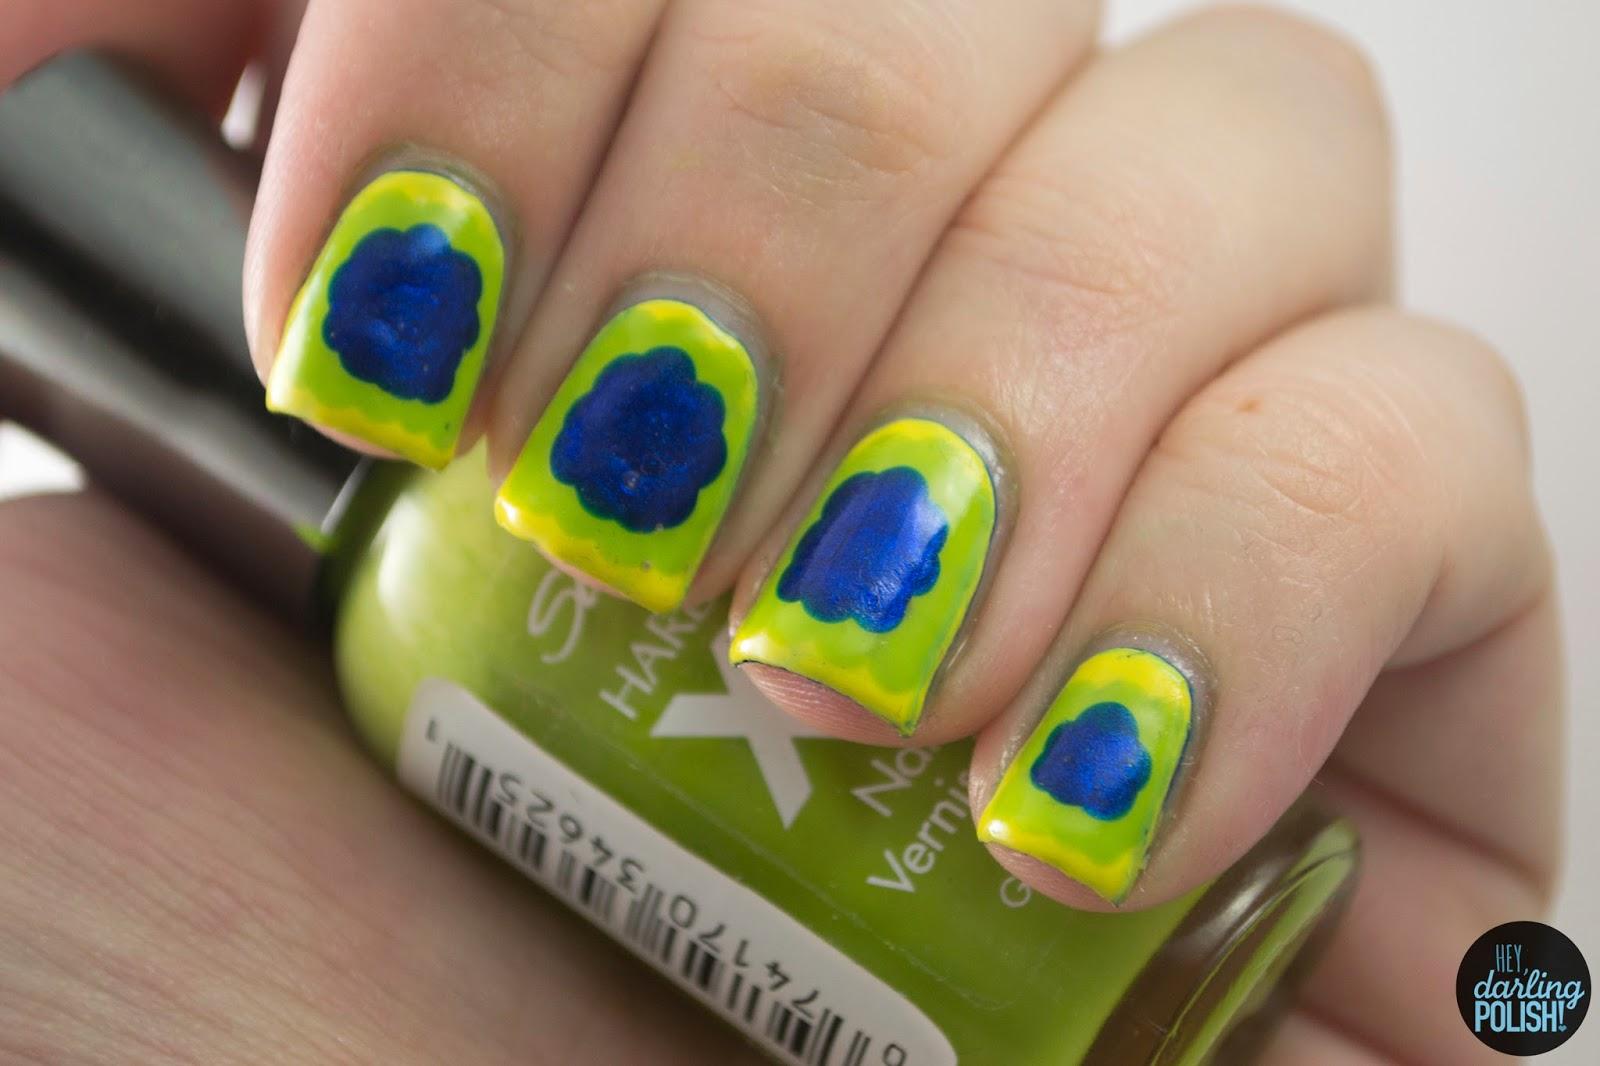 nails, nail art, nail polish, polish, ruffles, yellow, green, blue, hey darling polish, golden oldie thursdays